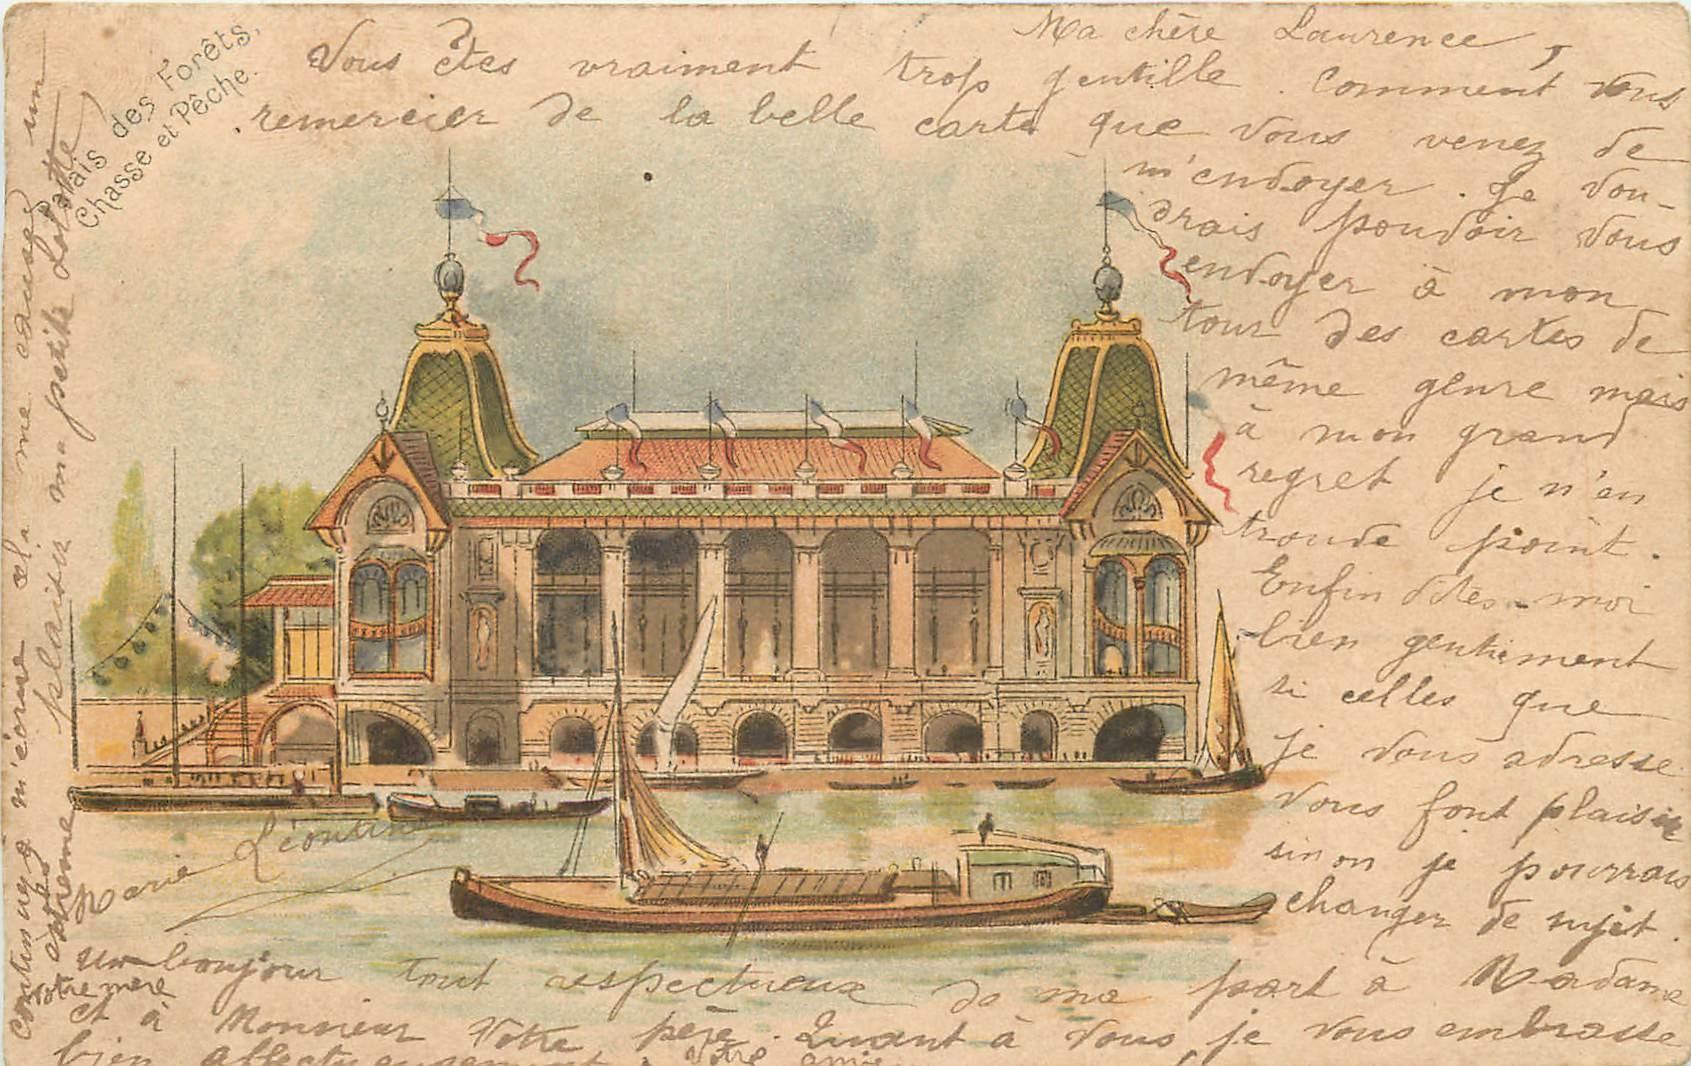 PARIS. Exposition Universelle de 1900. Palais des Forêts Chasse et Pêche